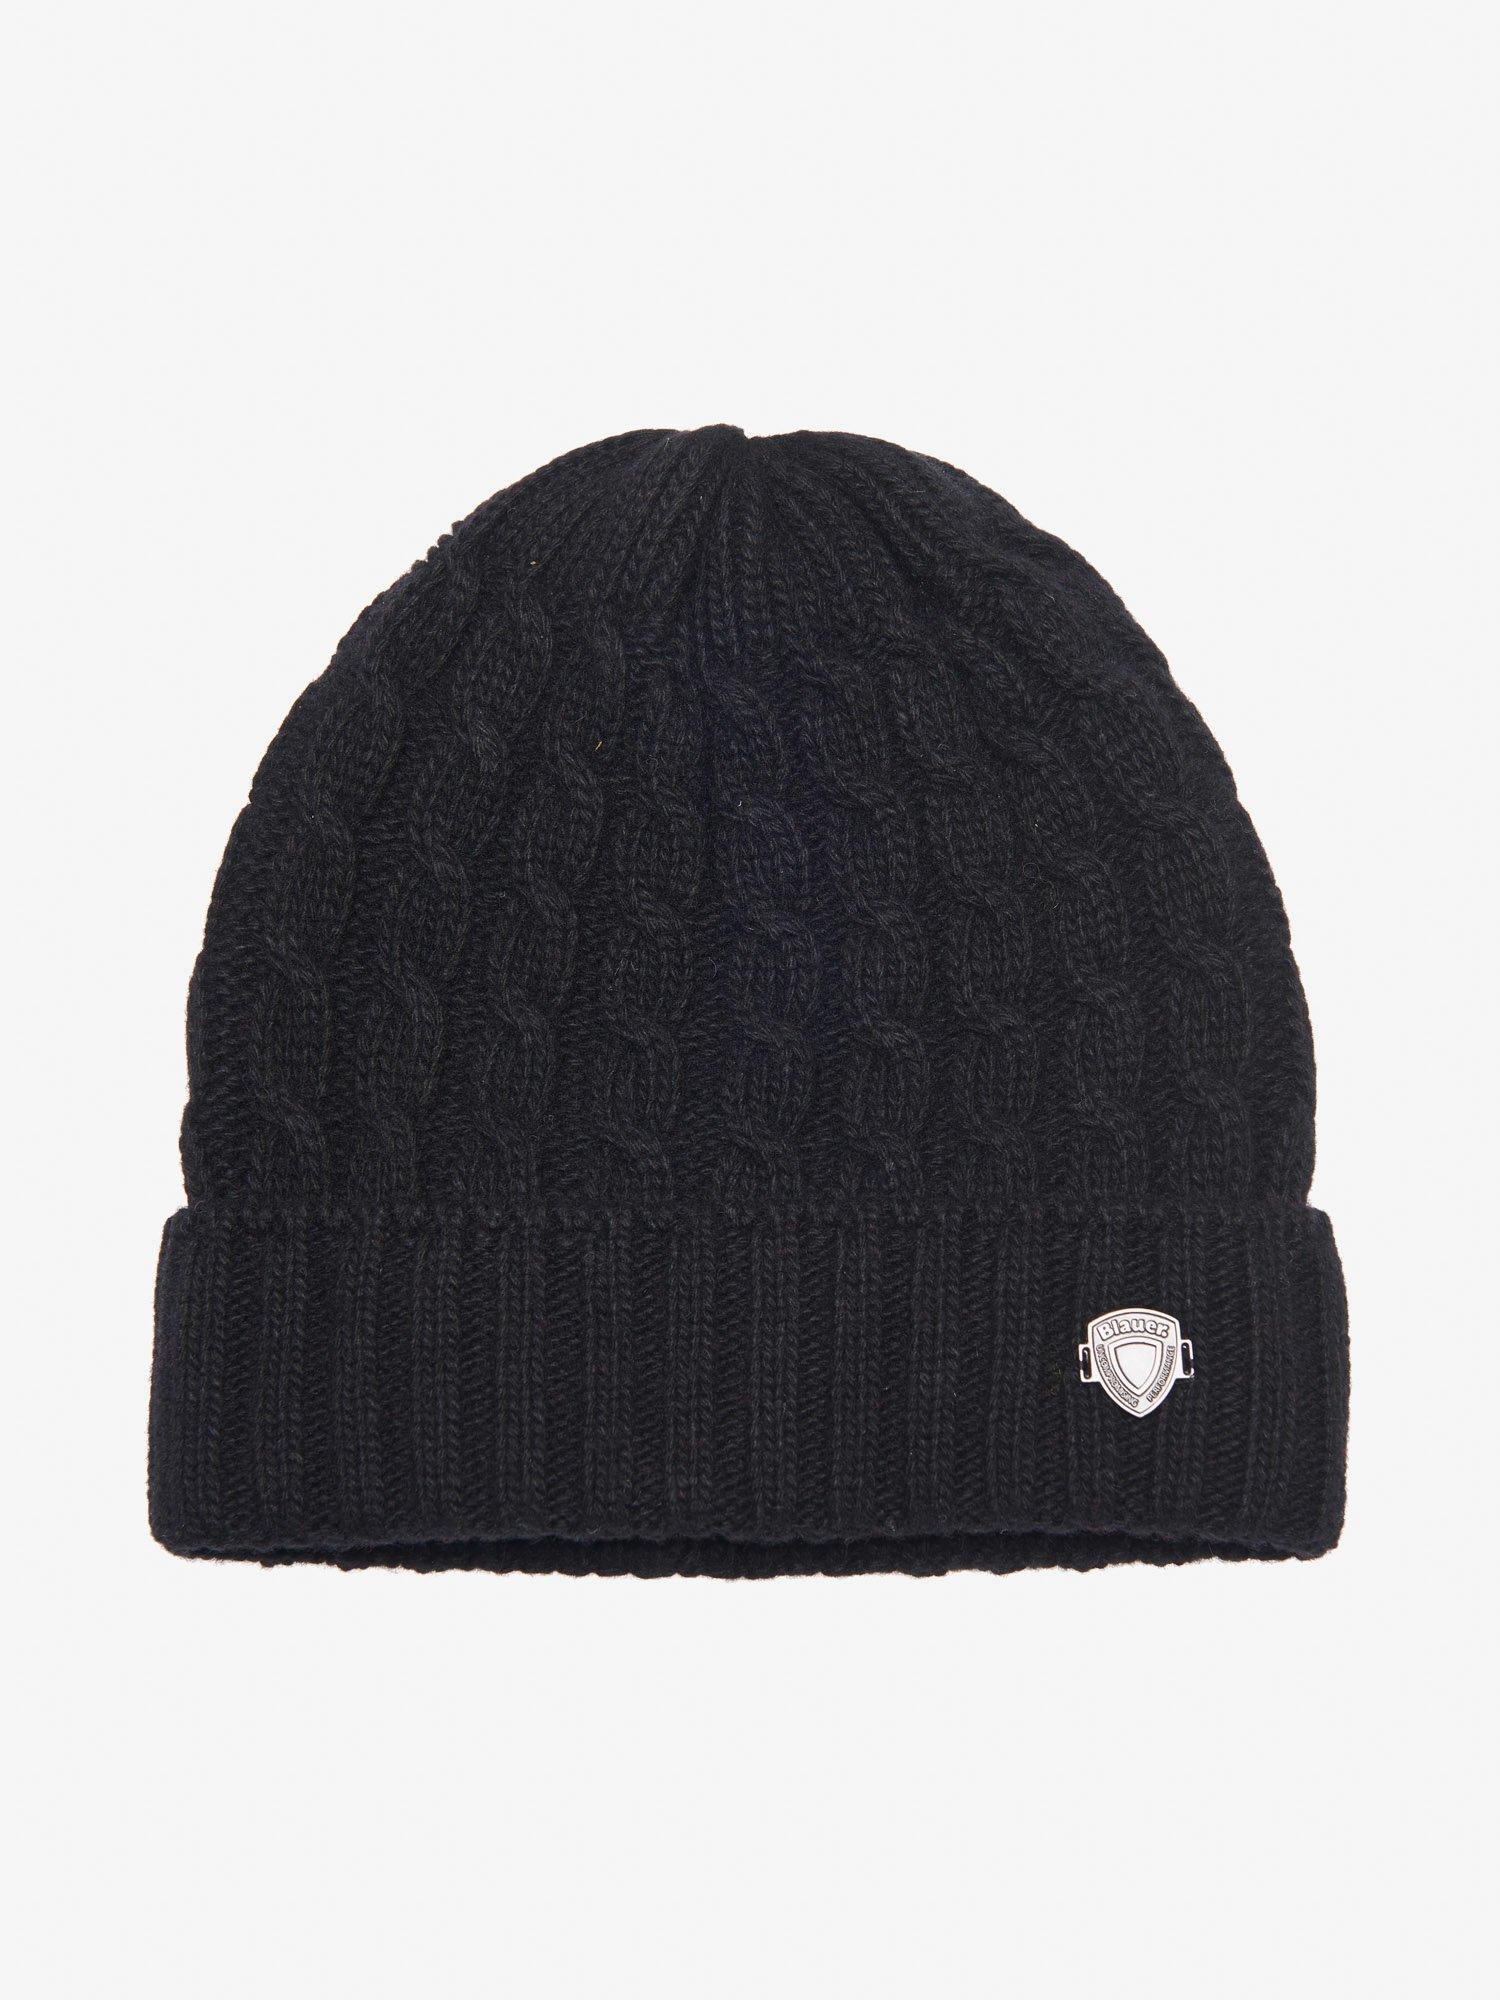 Blauer - SAILOR CAP WITH CUFF - Black - Blauer